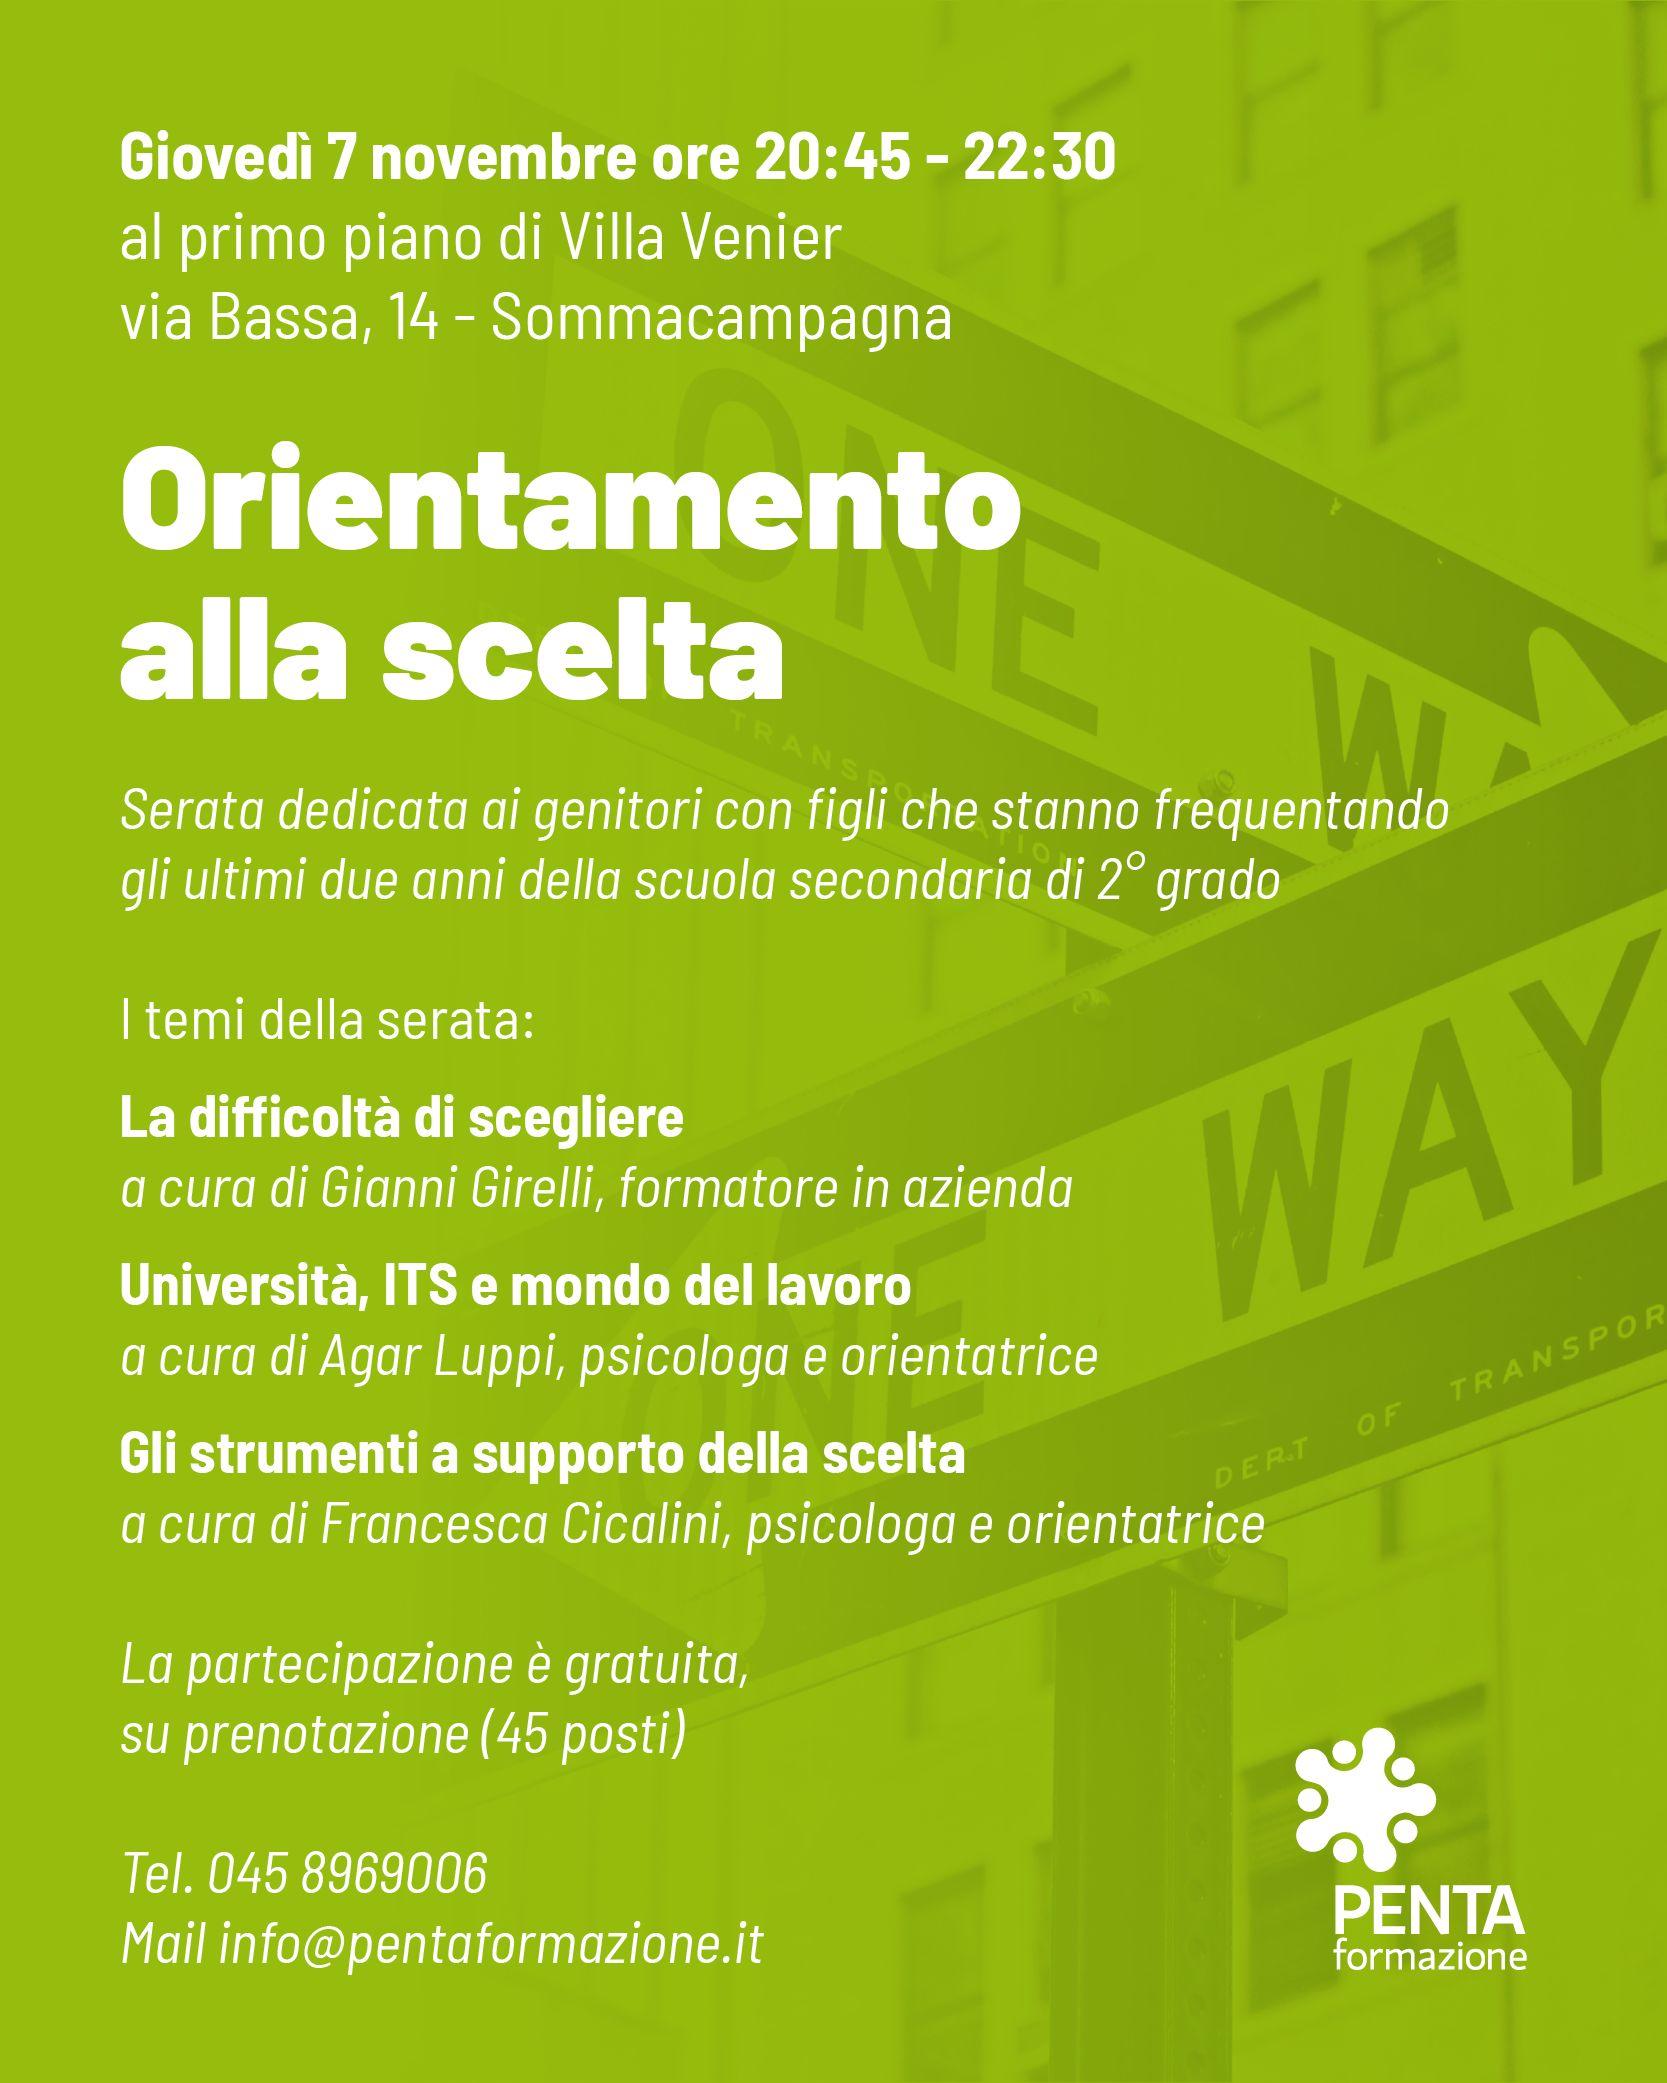 Orientamento alla scelta dopo il Liceo - Giovedì 7 novembre (Villa Venier)